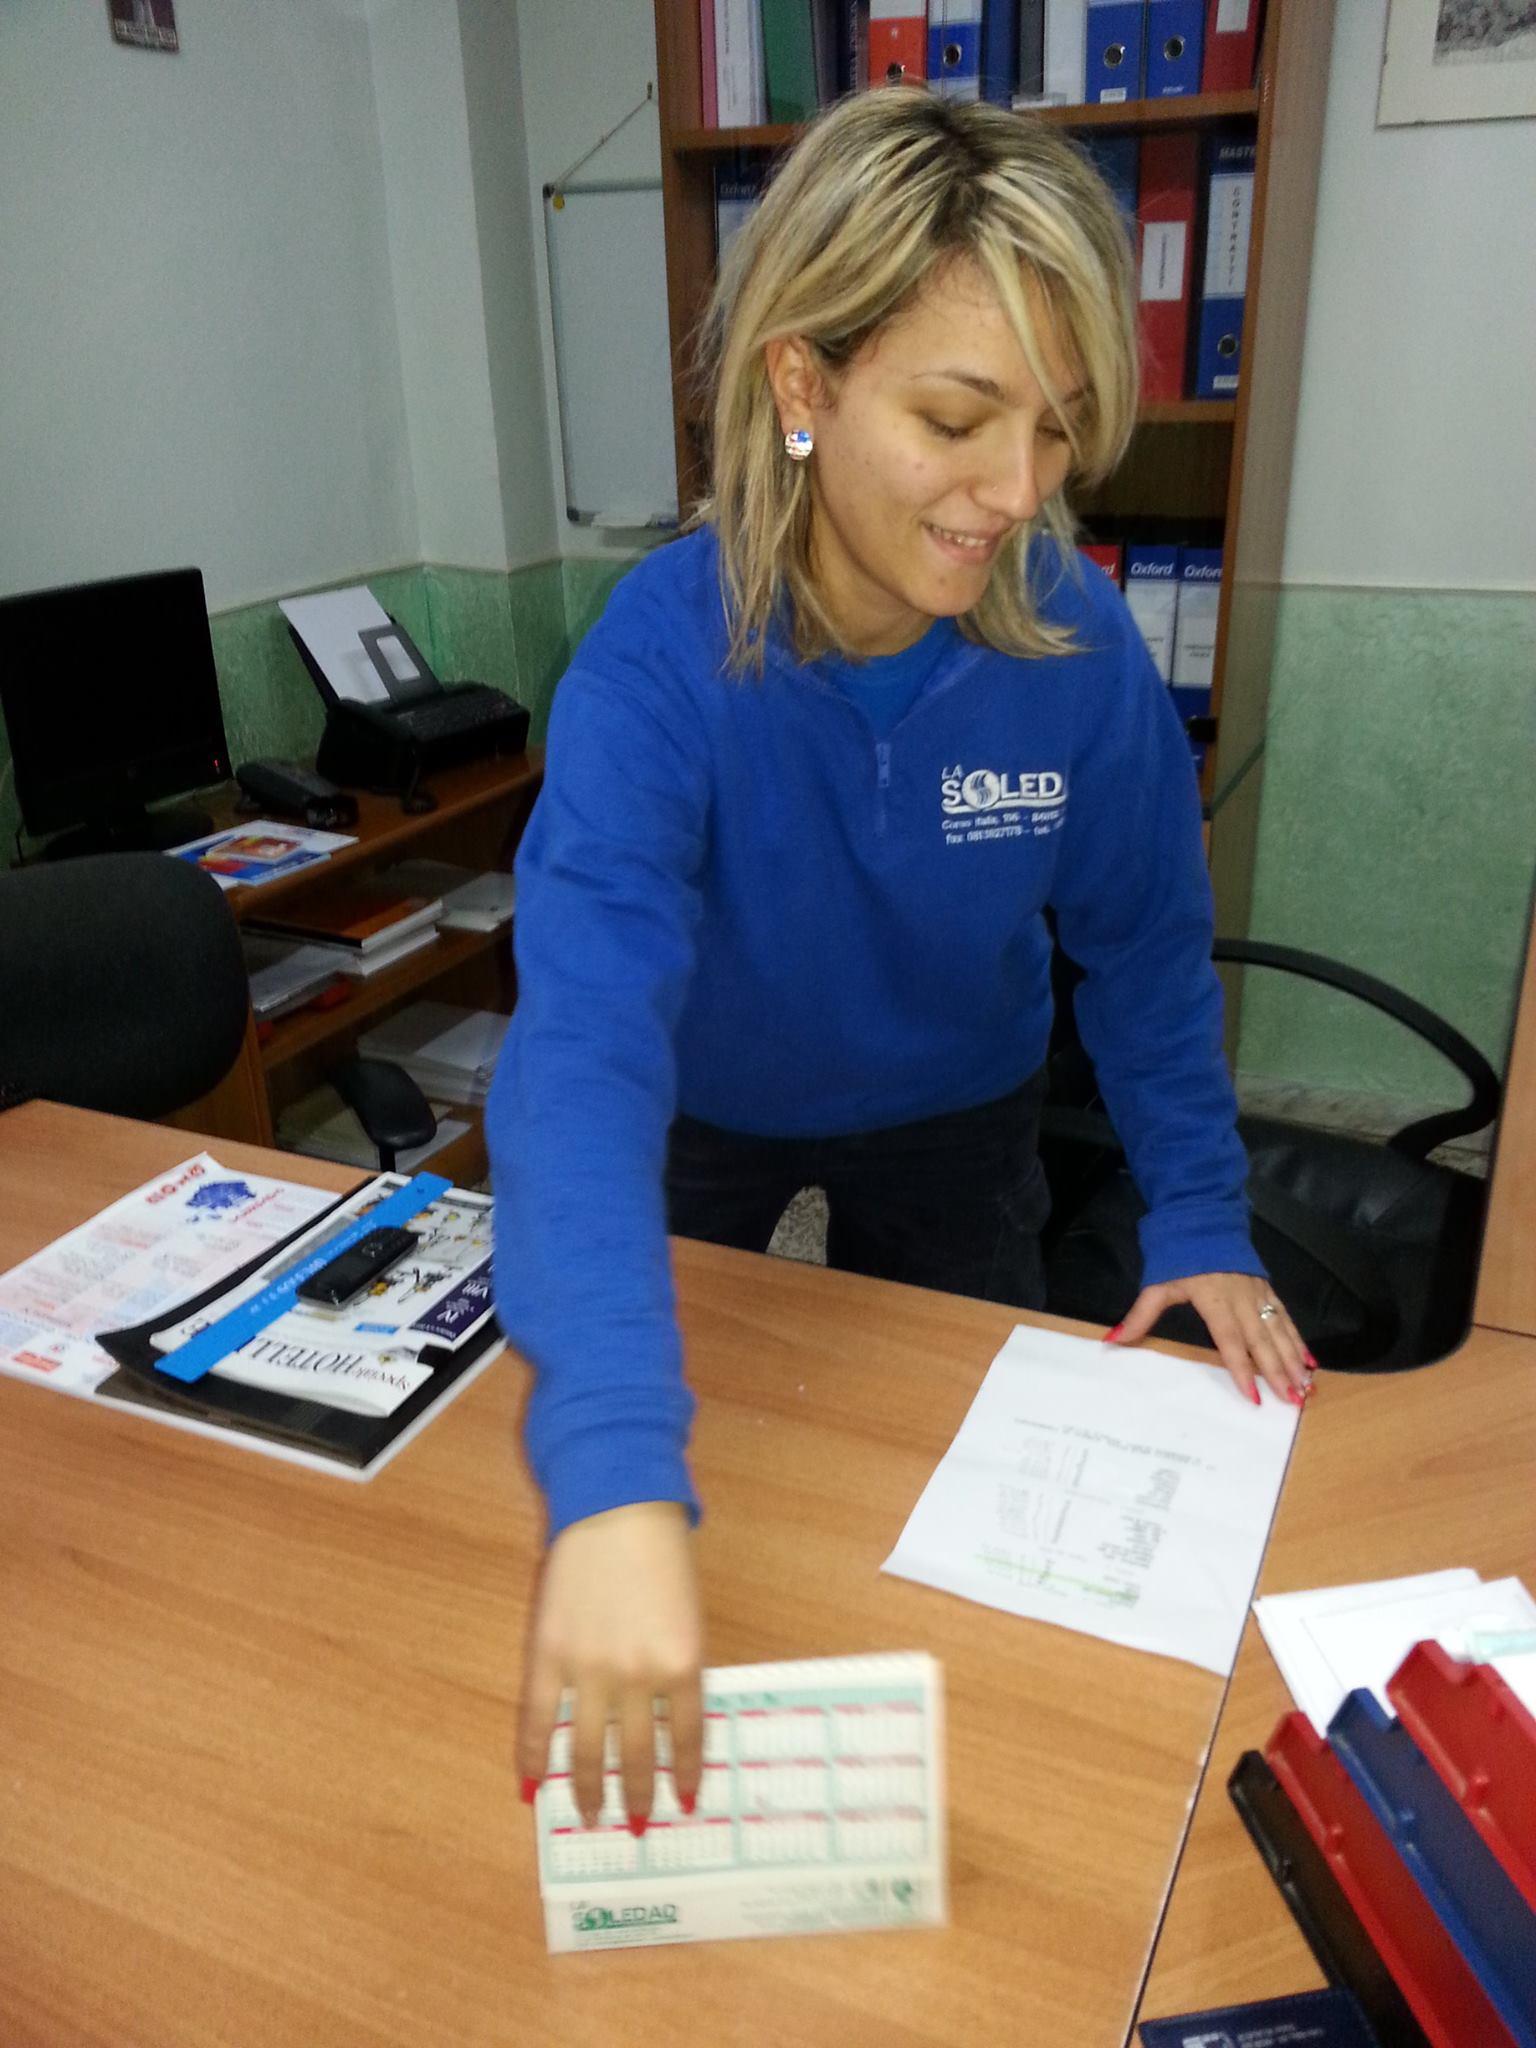 Ragazza con felpa blu mentre pulisce scrivania